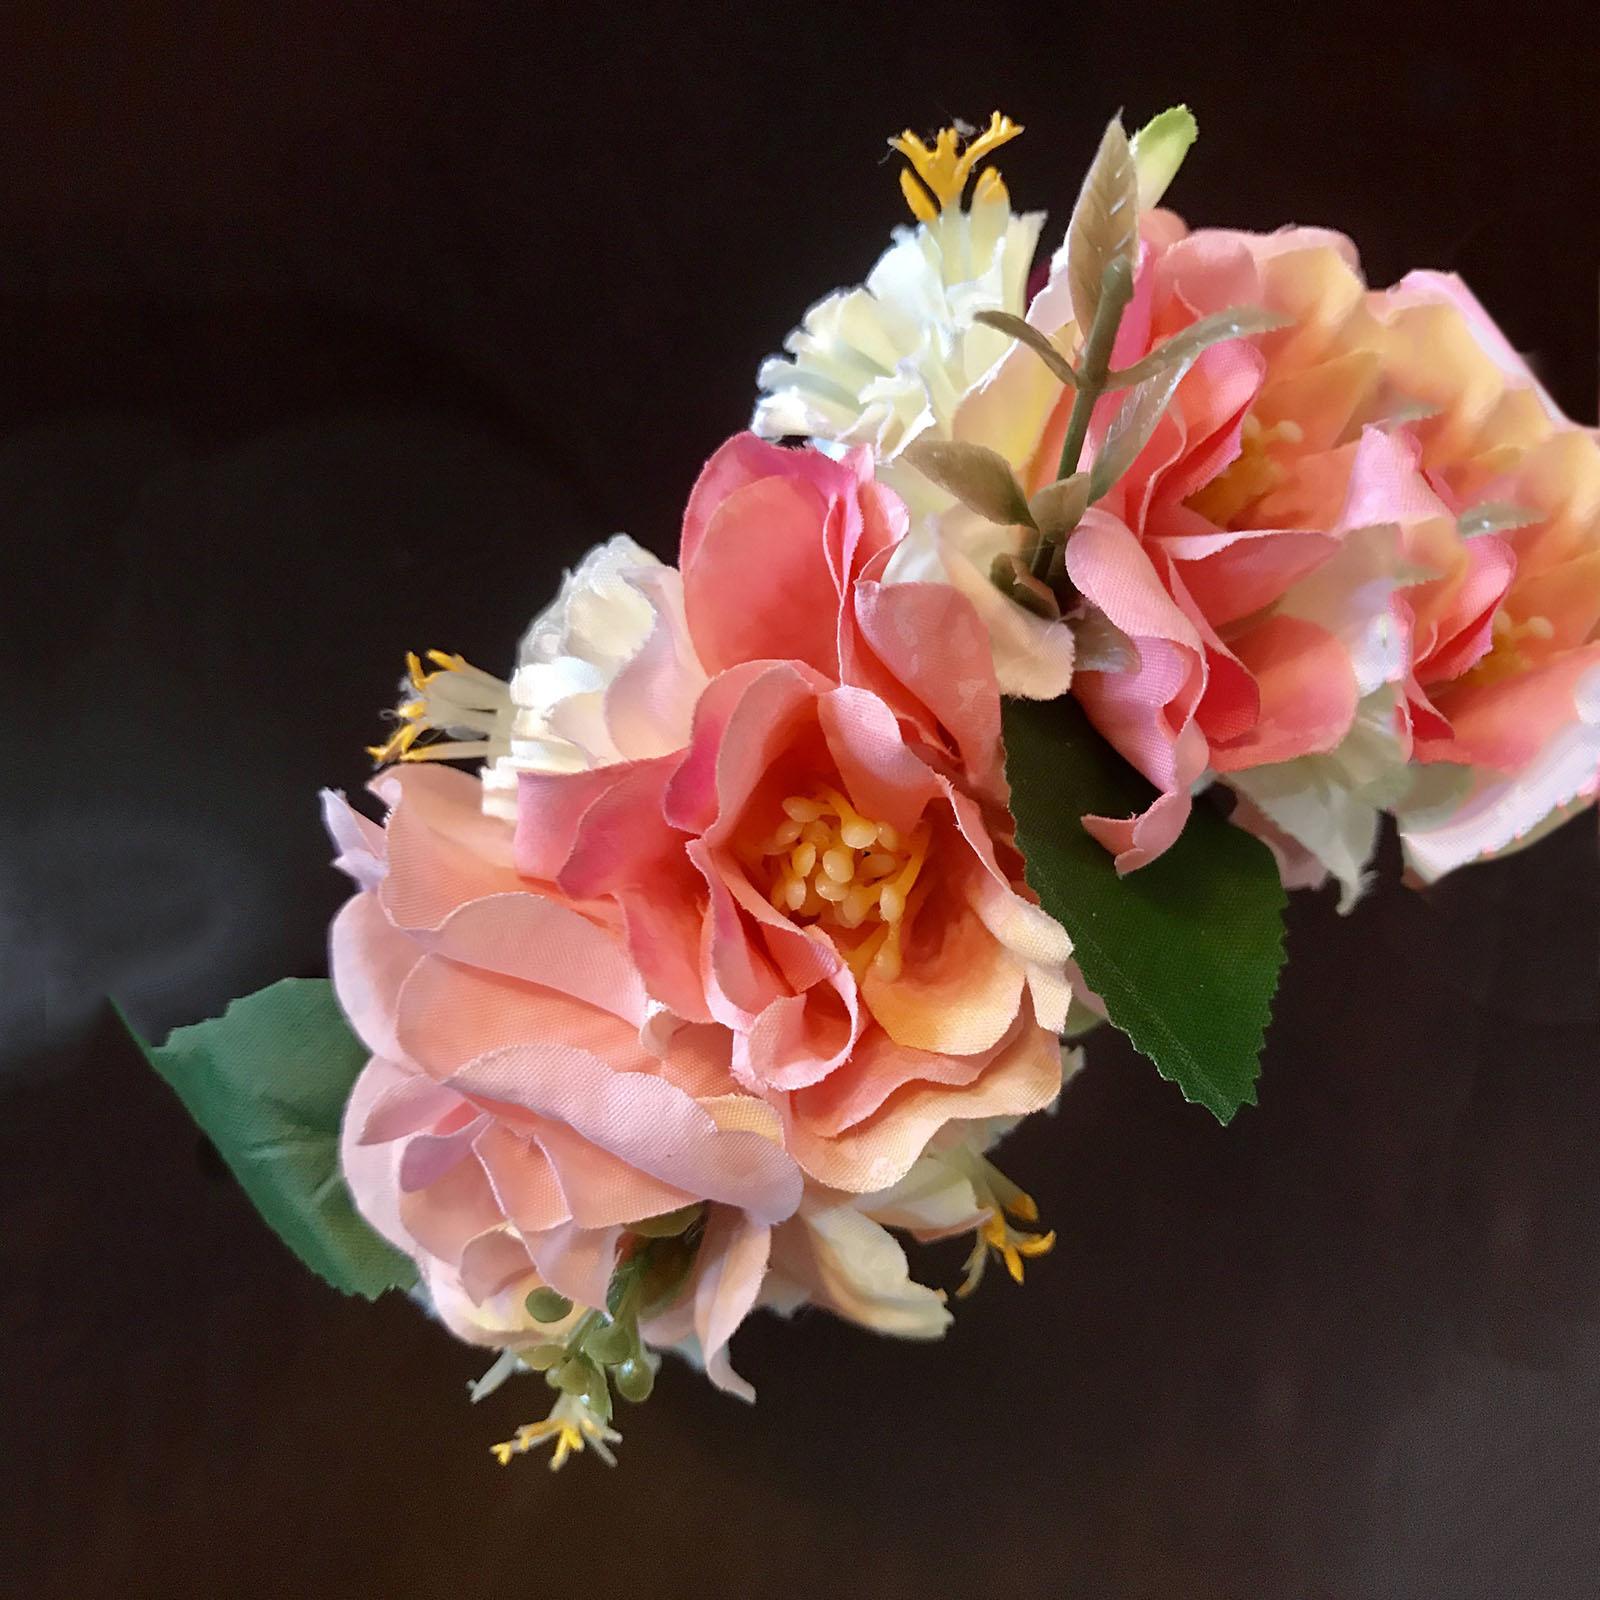 plauku geliu lankelis ranu darbo dovanos moterims merginoms panelems ziedlapiu lankeliai dovana mergvakario lankelis aksesuarai papuosalai moterims 19